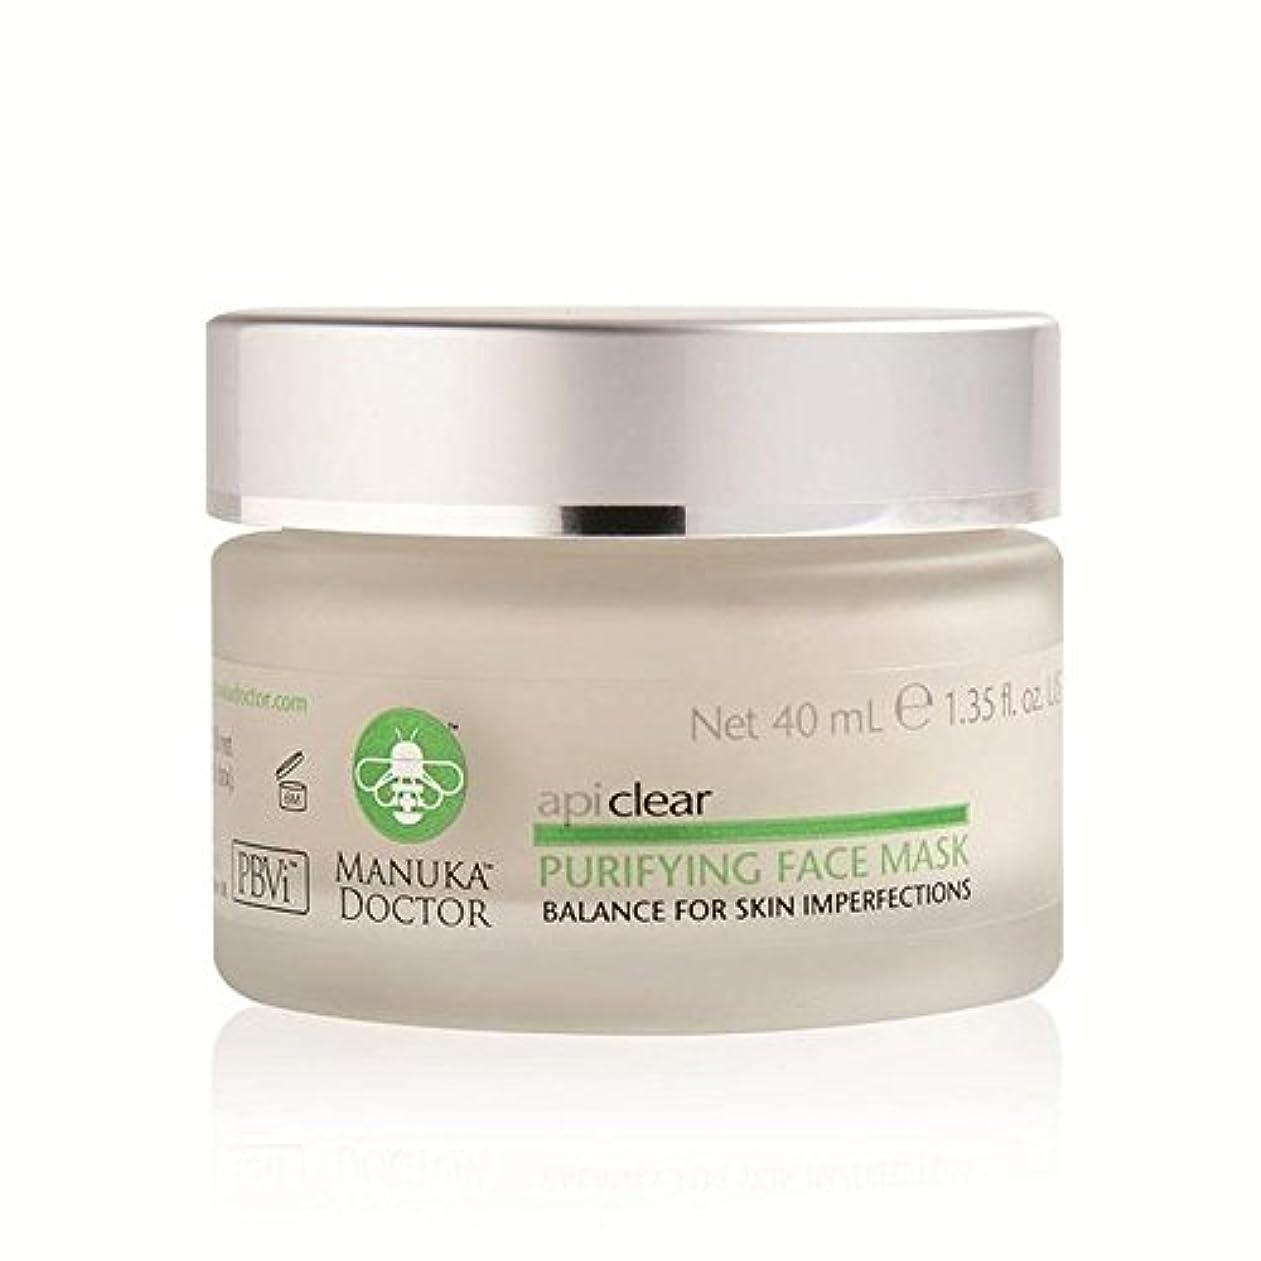 貢献満足できるしつけManuka Doctor Api Clear Purifying Face Mask 40ml (Pack of 6) - マヌカドクター明確な浄化フェイスマスク40ミリリットル x6 [並行輸入品]